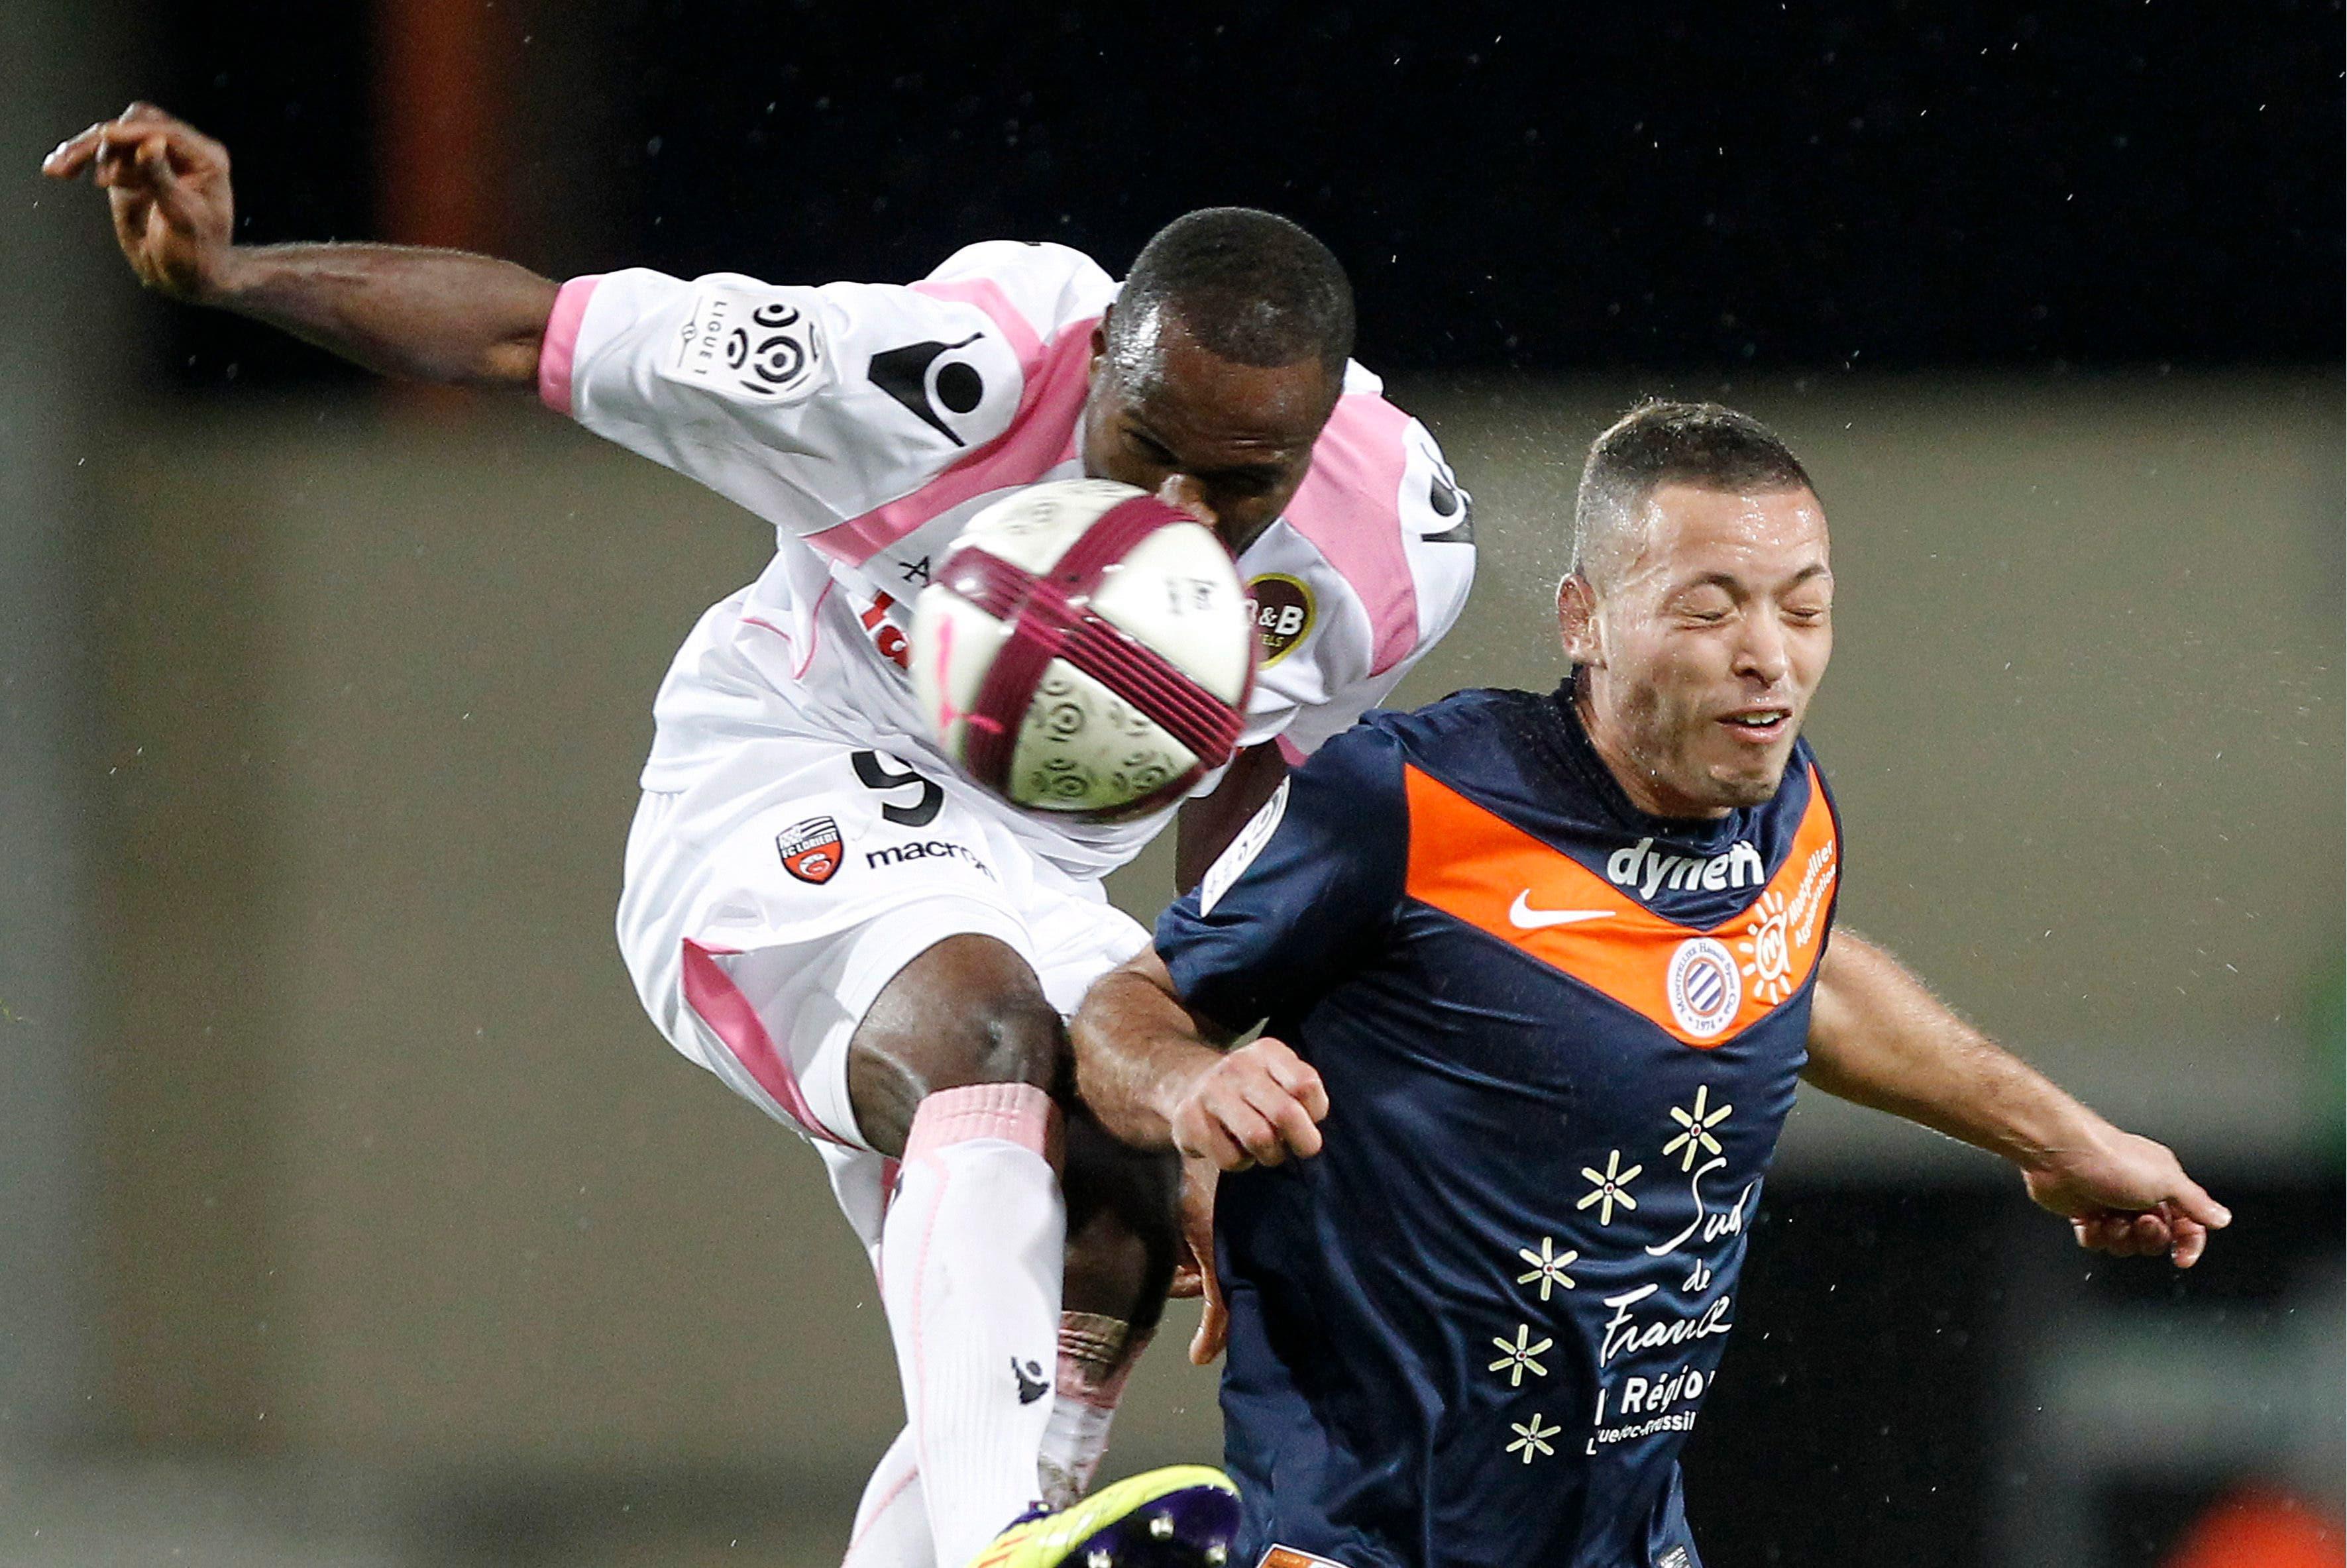 Es folgt der Wechsel nach Frankreich zum FC Lorient. Hier dueliert sich Emeghara (links) mit Jamel Saihi von Montpellier. Bei Lorient spielt Emeghara von 2011 bis 2013.